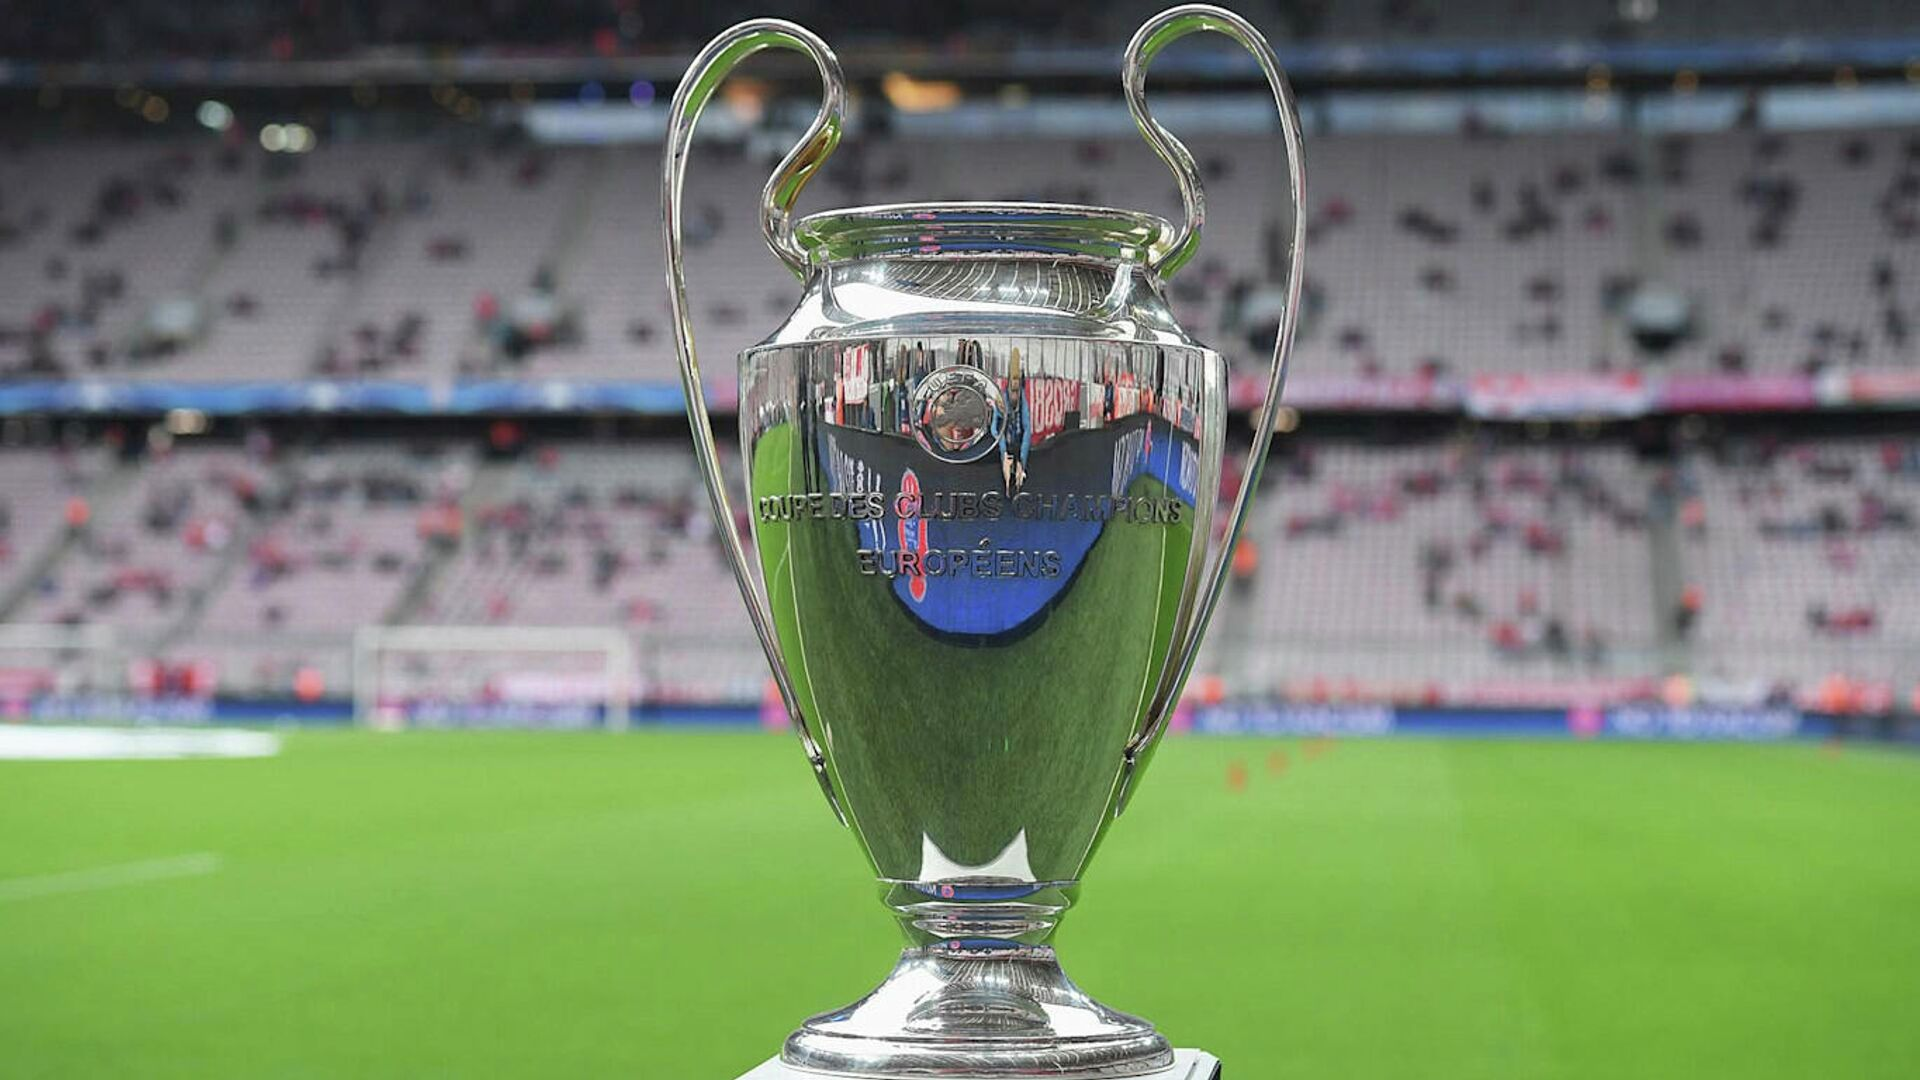 Трофей Лиги чемпионов УЕФА - РИА Новости, 1920, 20.10.2020